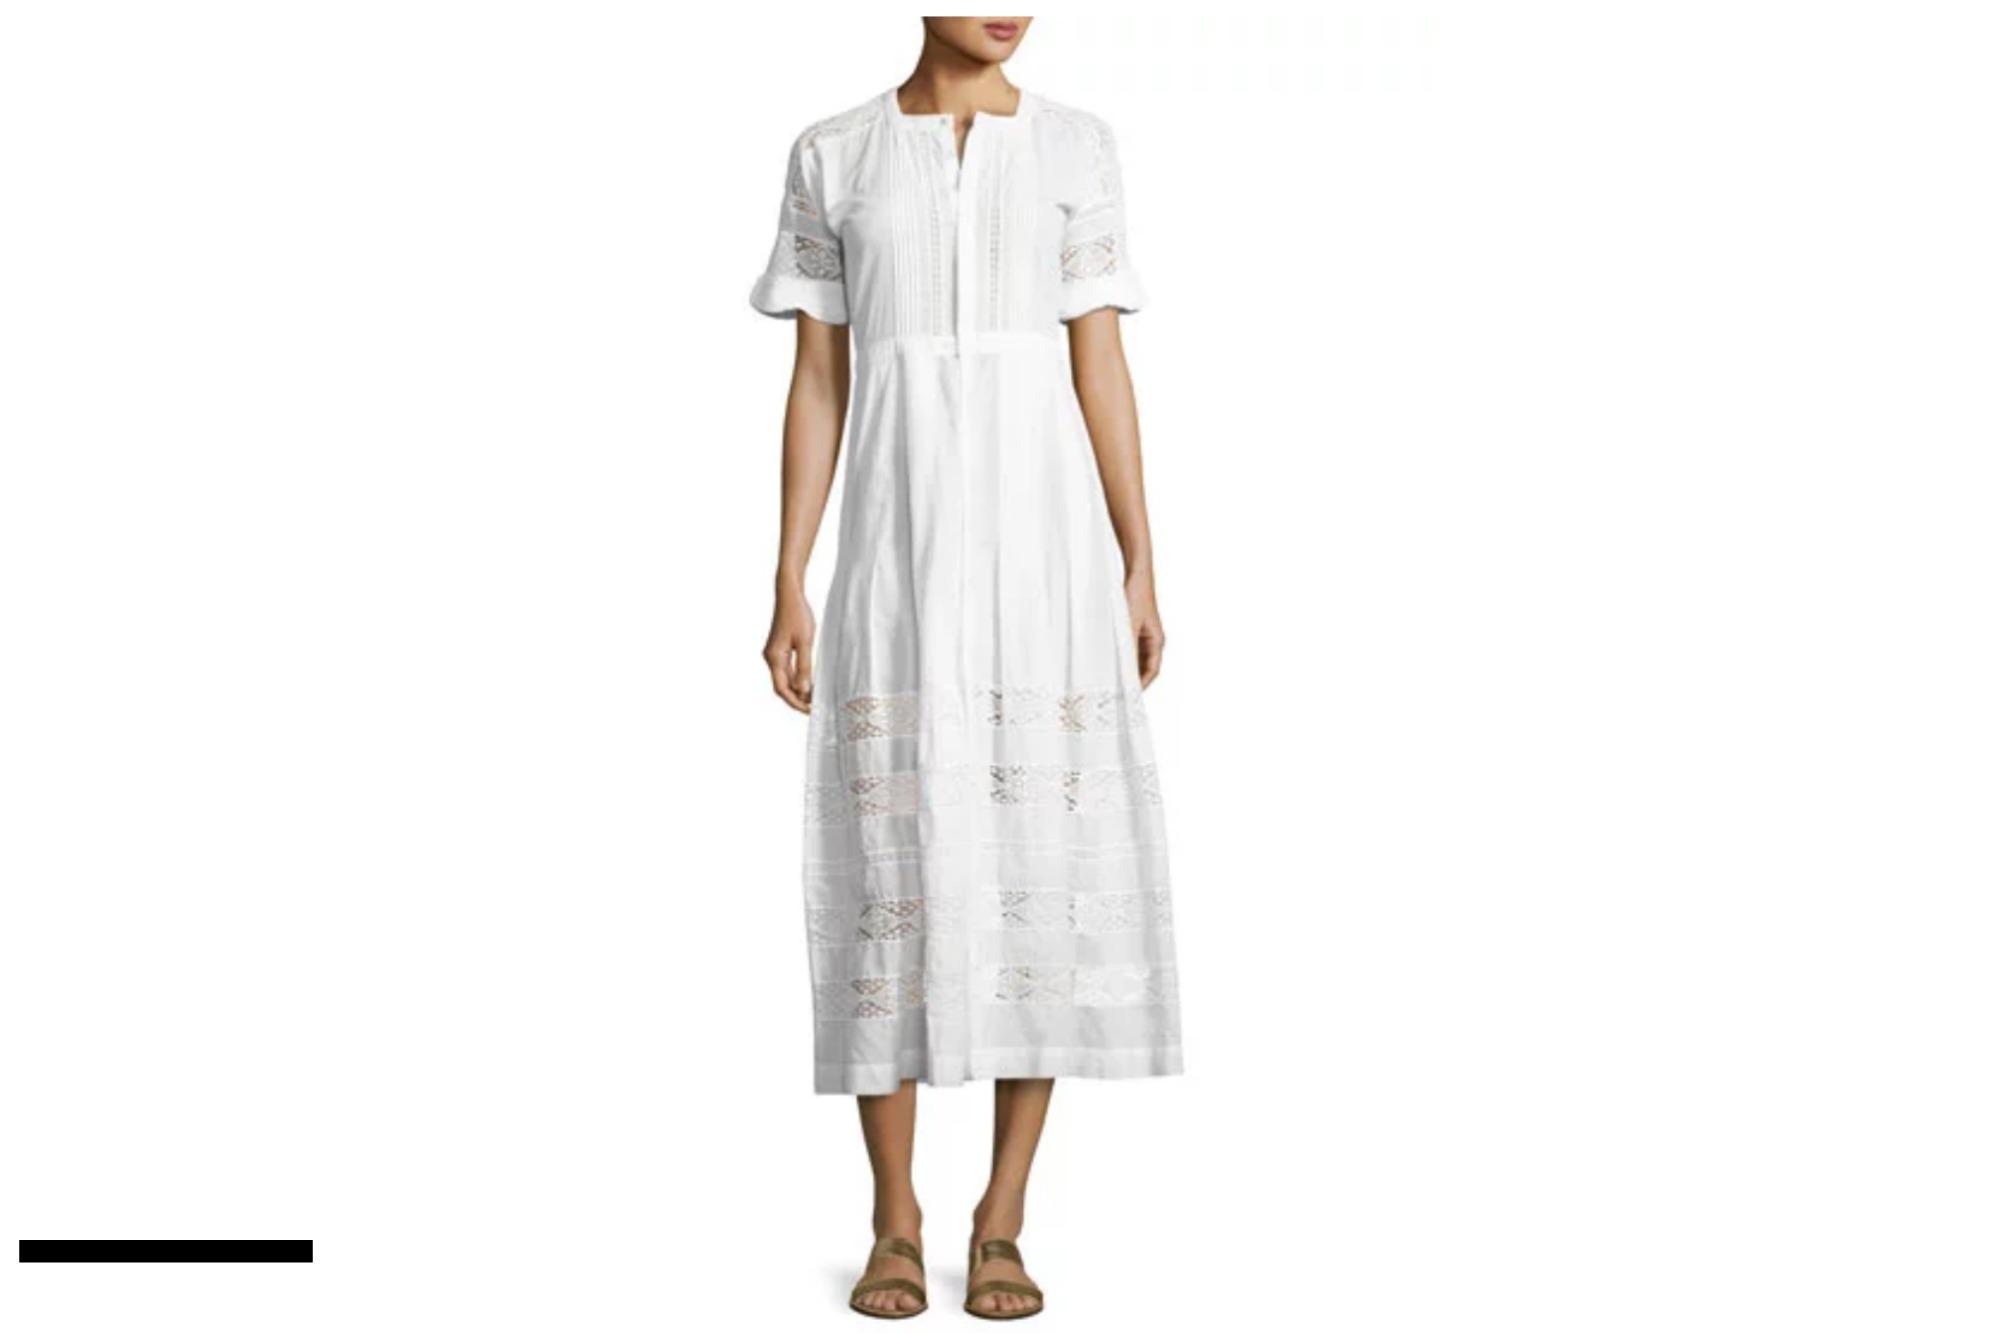 Loveshackfancy Lace-Inset Cotton Dress